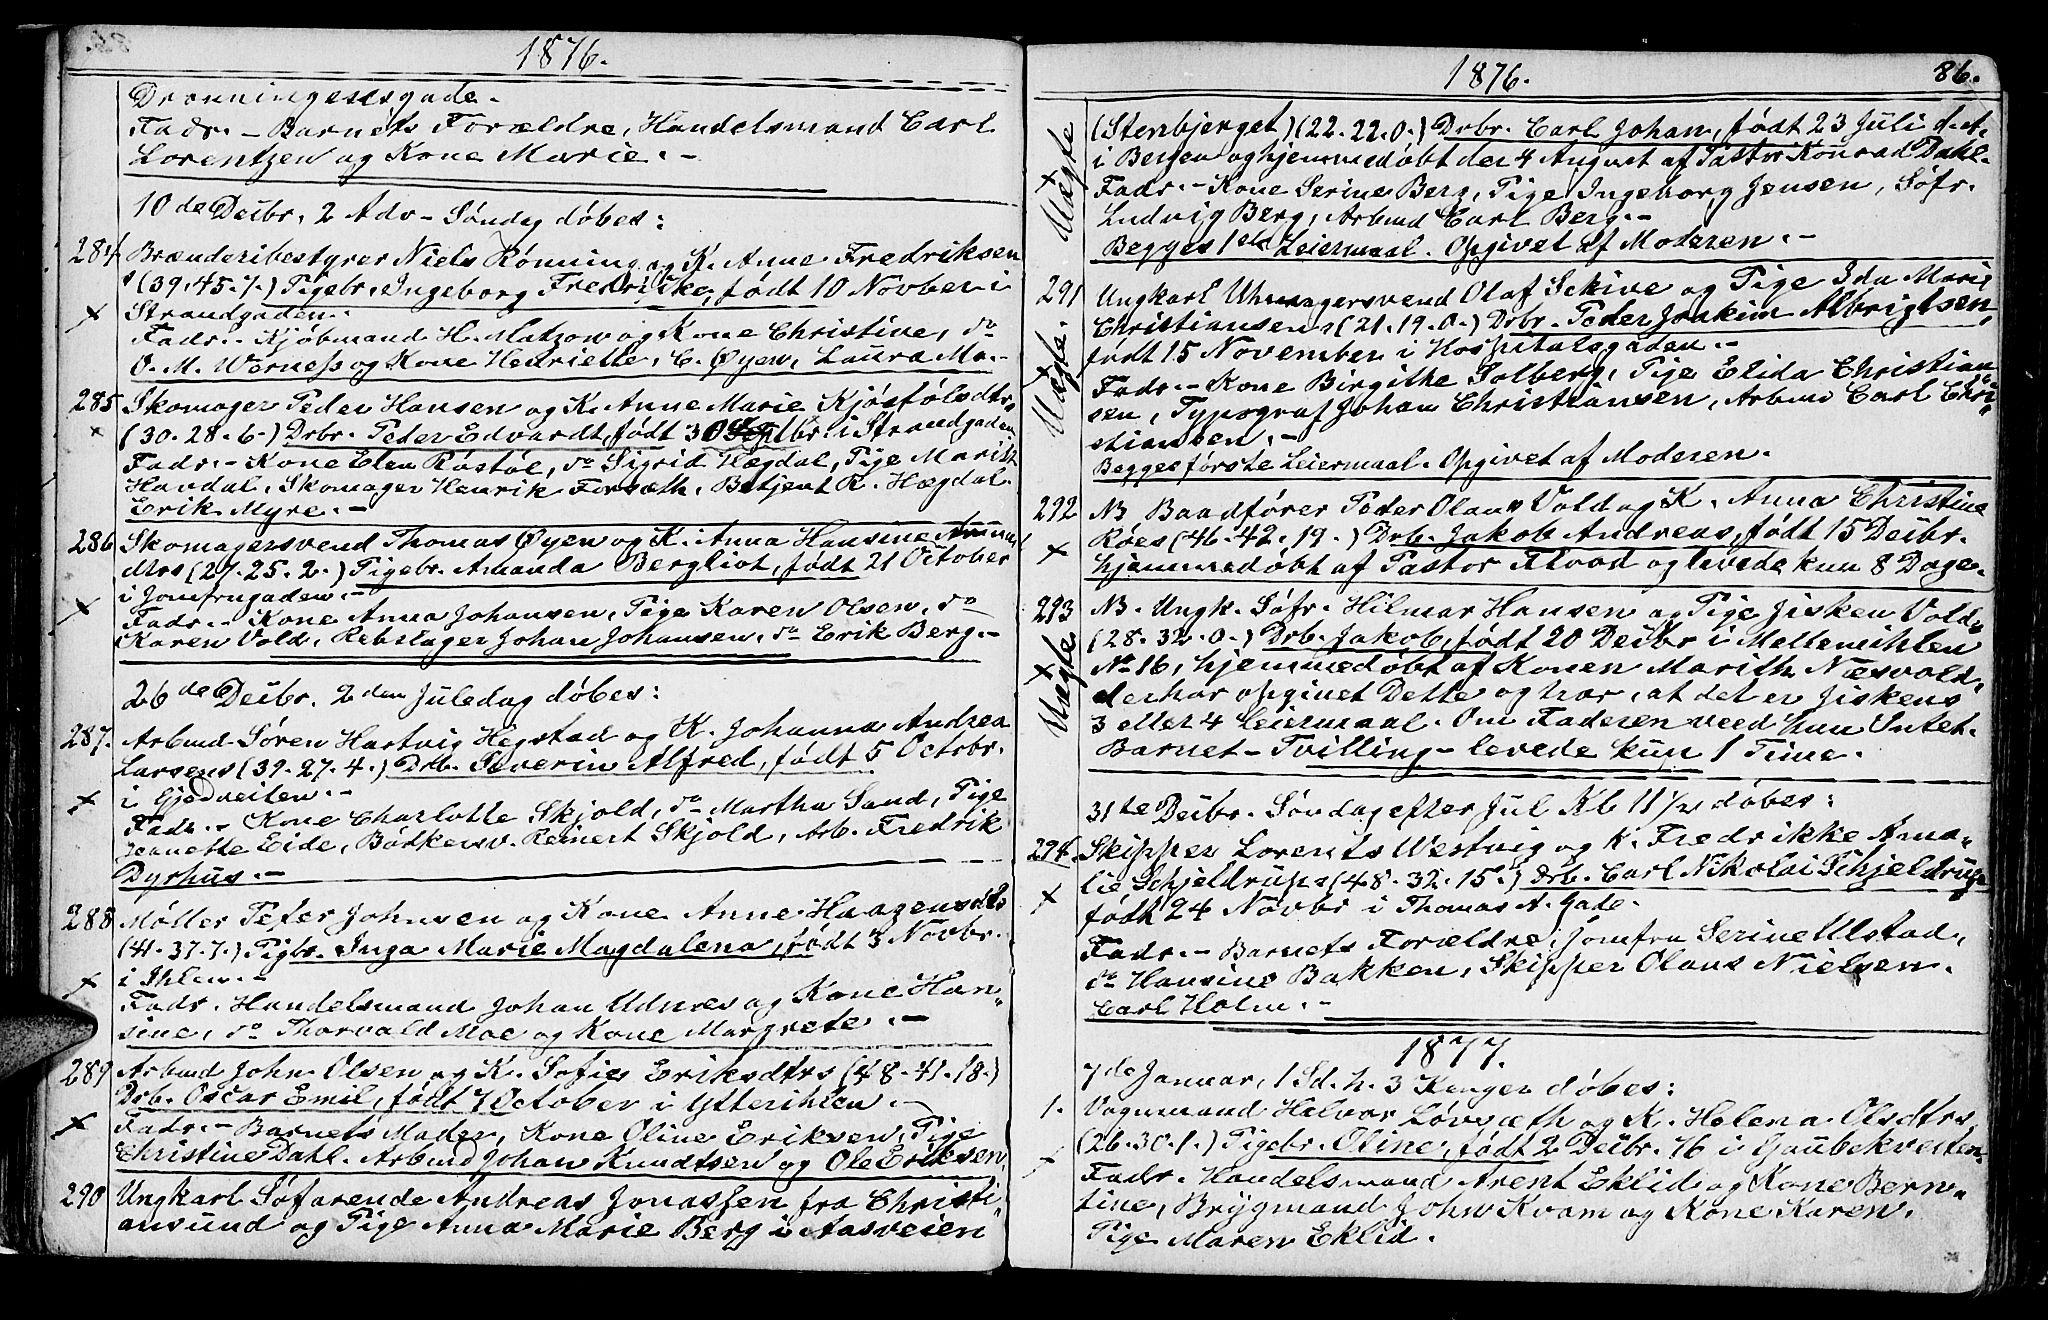 SAT, Ministerialprotokoller, klokkerbøker og fødselsregistre - Sør-Trøndelag, 602/L0142: Klokkerbok nr. 602C10, 1872-1894, s. 86